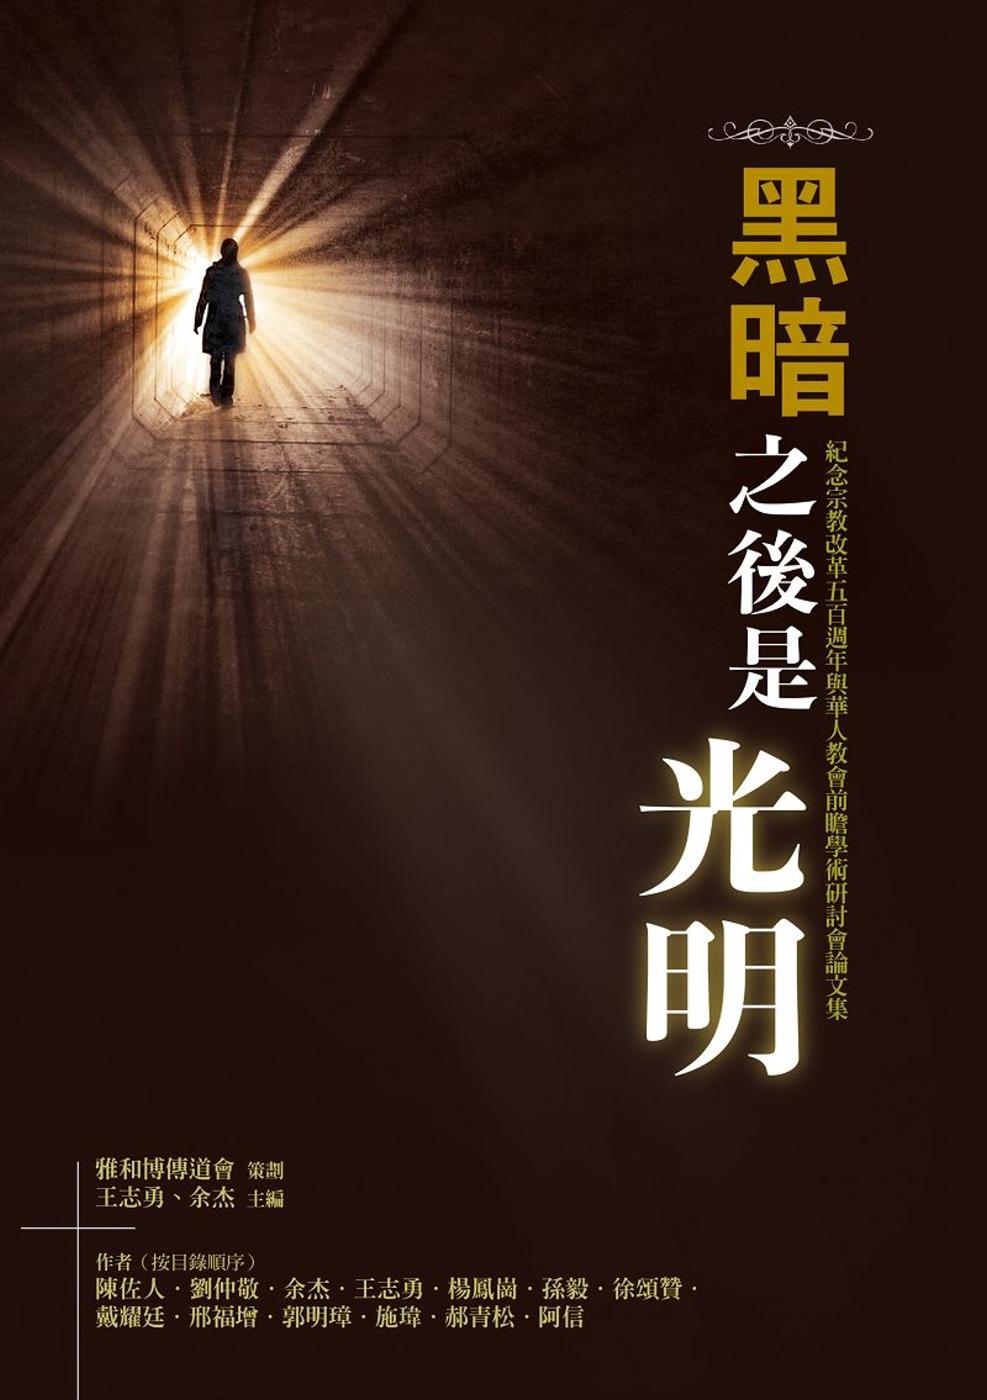 黑暗之後是光明:紀念宗教改革五百週年與華人教會前瞻學術研討會論文集